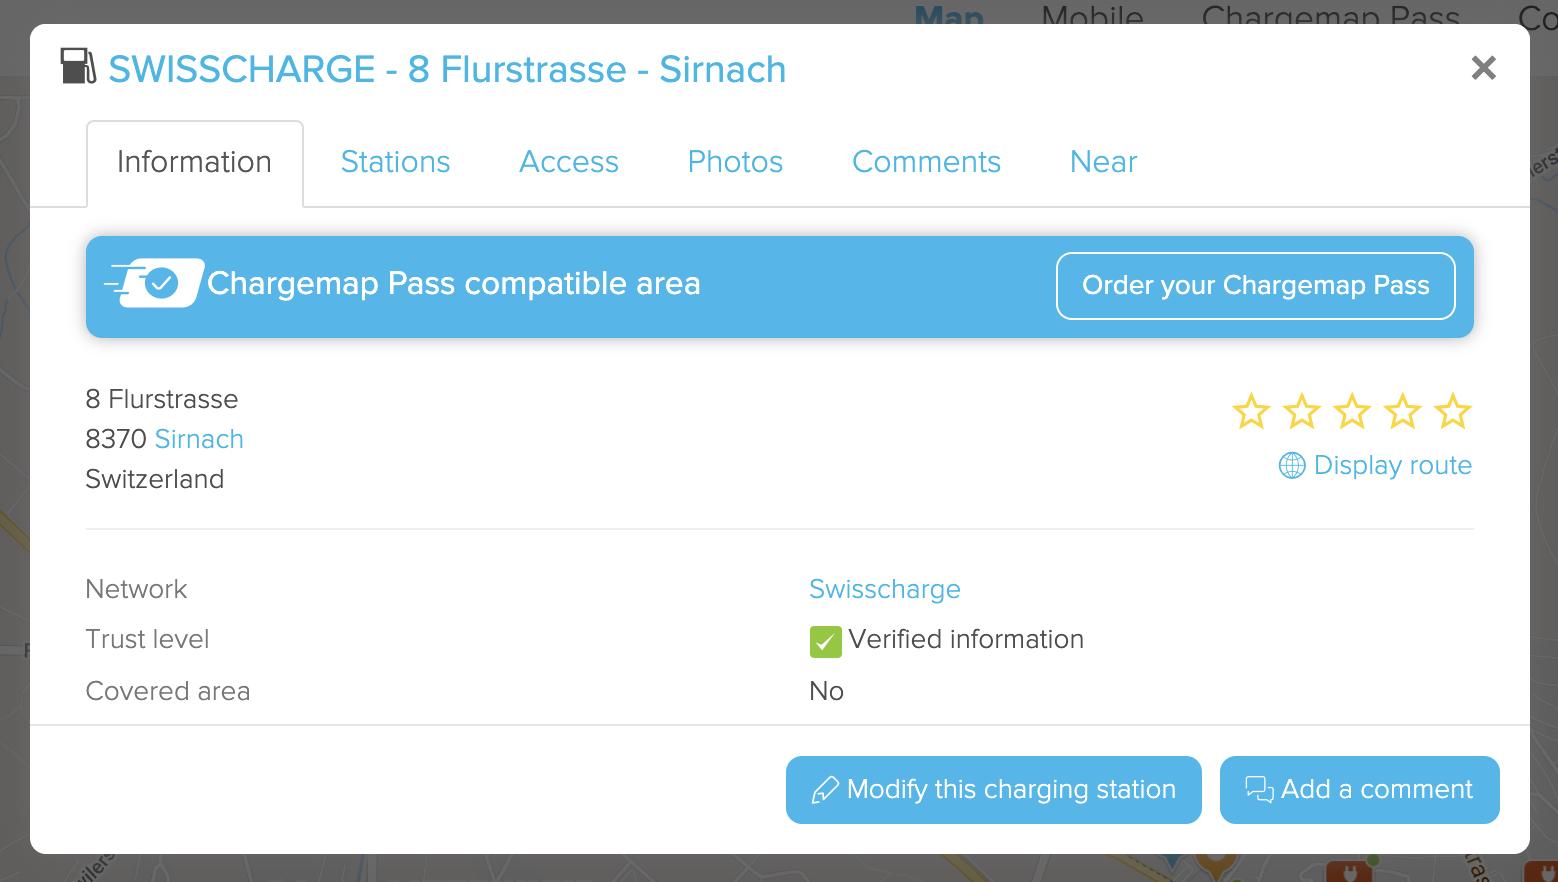 Ladestation Swisscharge Sirnach